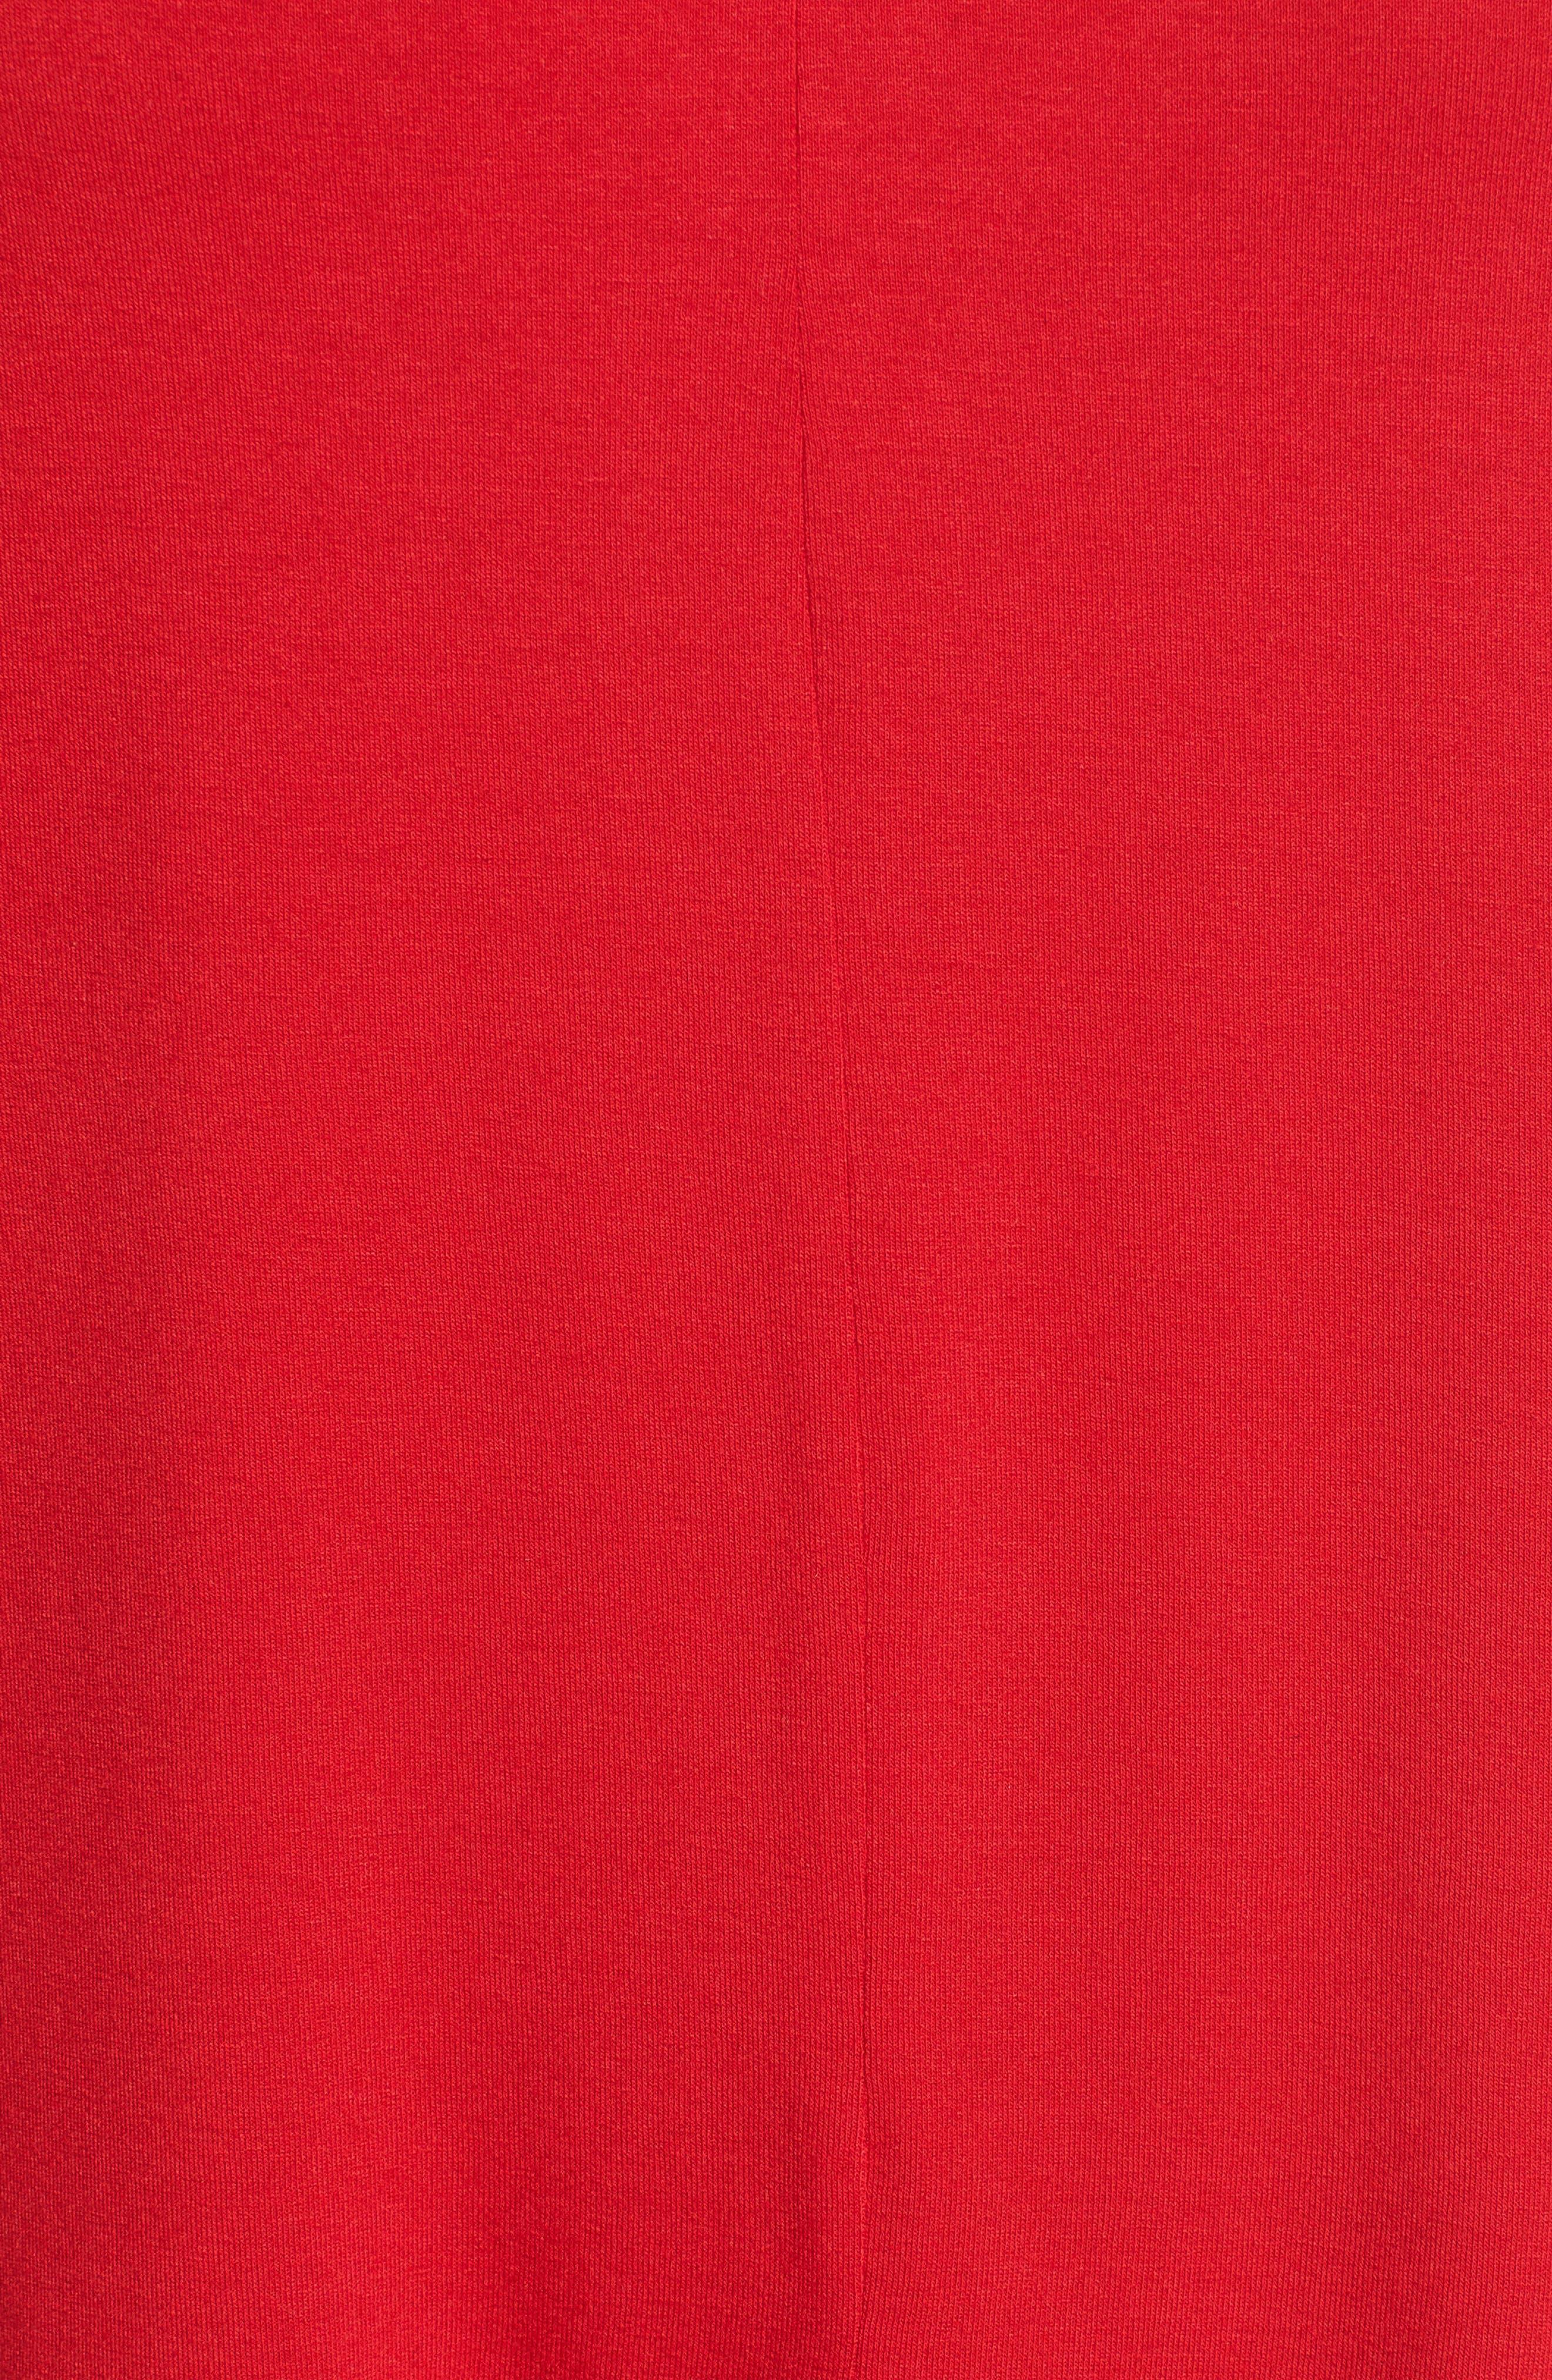 Sleeveless V-Neck Top,                             Alternate thumbnail 3, color,                             Radiant Red